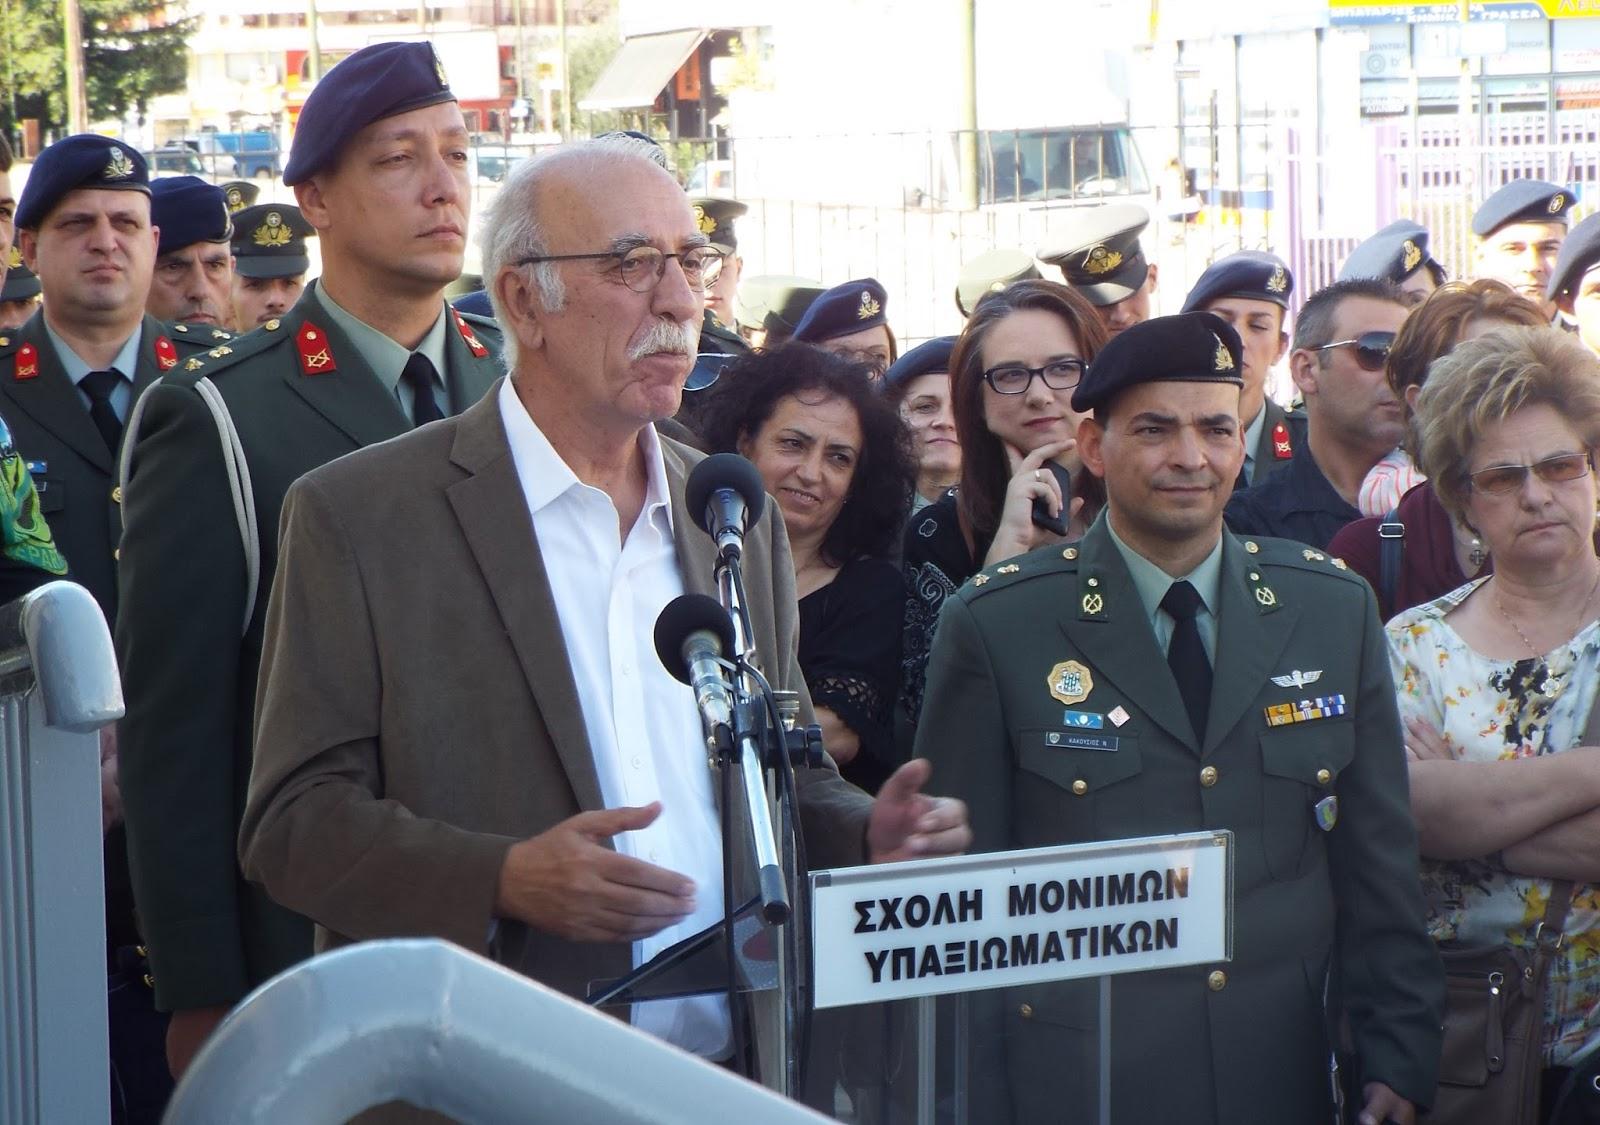 Εγκαινιάστηκε από τον Δημήτρη Βίτσα ο βρεφονηπιακός σταθμός της ΣΜΥ στα Τρίκαλα (ΦΩΤΟ)